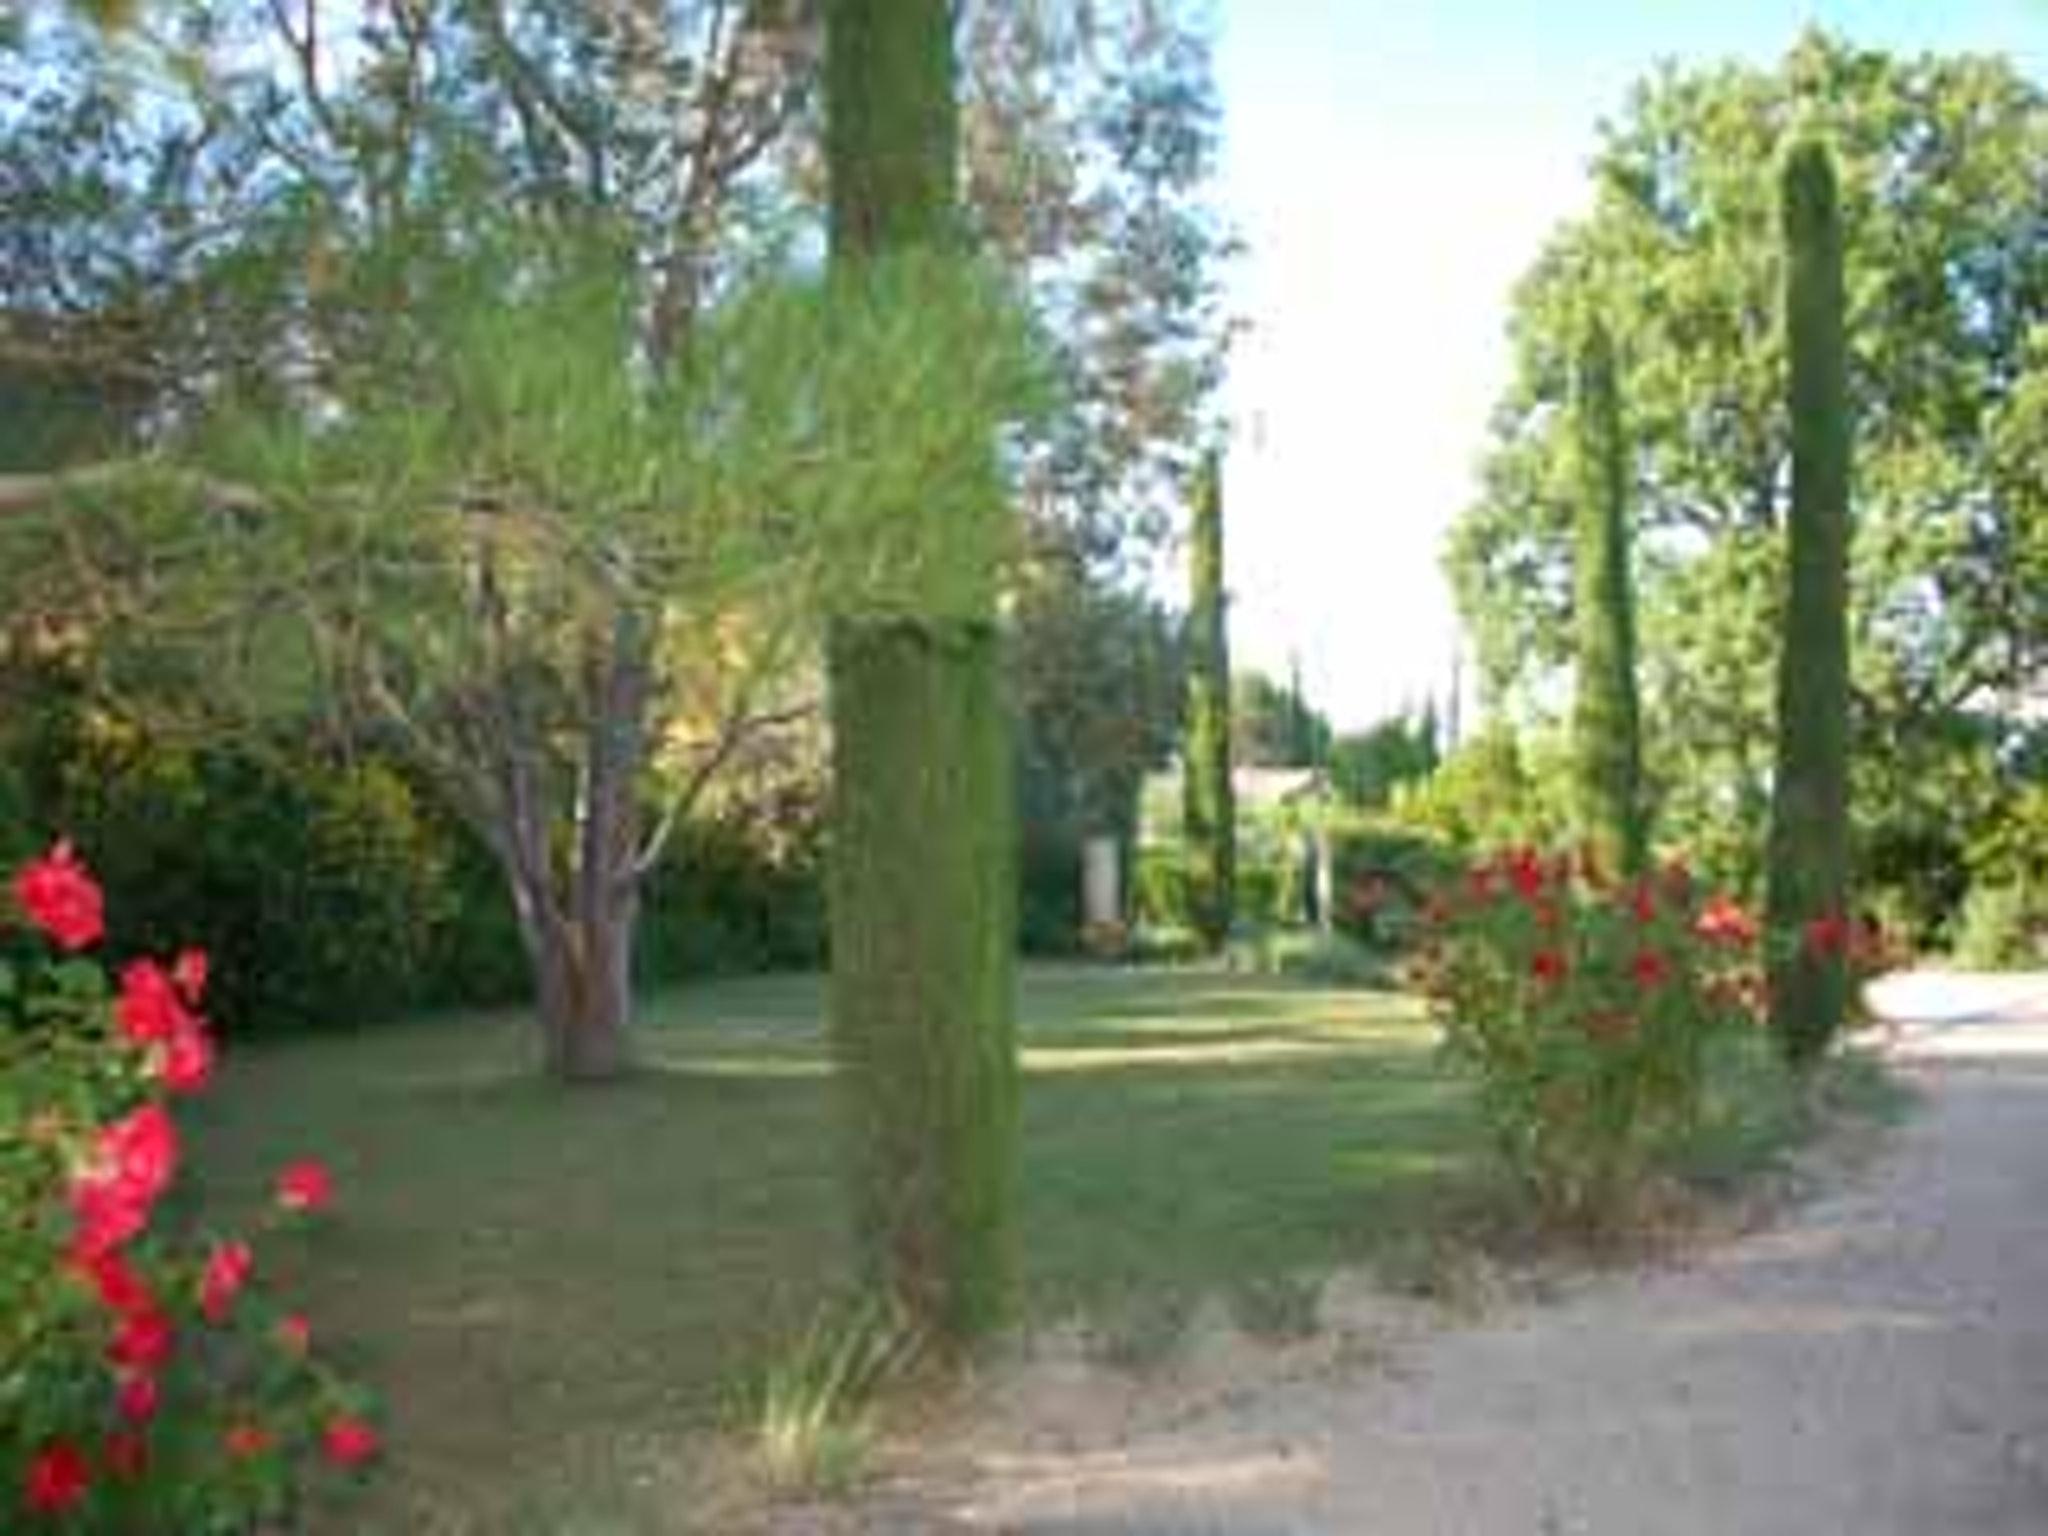 Ferienhaus Villa mit 4 Schlafzimmern in Pernes-les-Fontaines mit toller Aussicht auf die Berge, priva (2519446), Pernes les Fontaines, Saône-et-Loire, Burgund, Frankreich, Bild 18